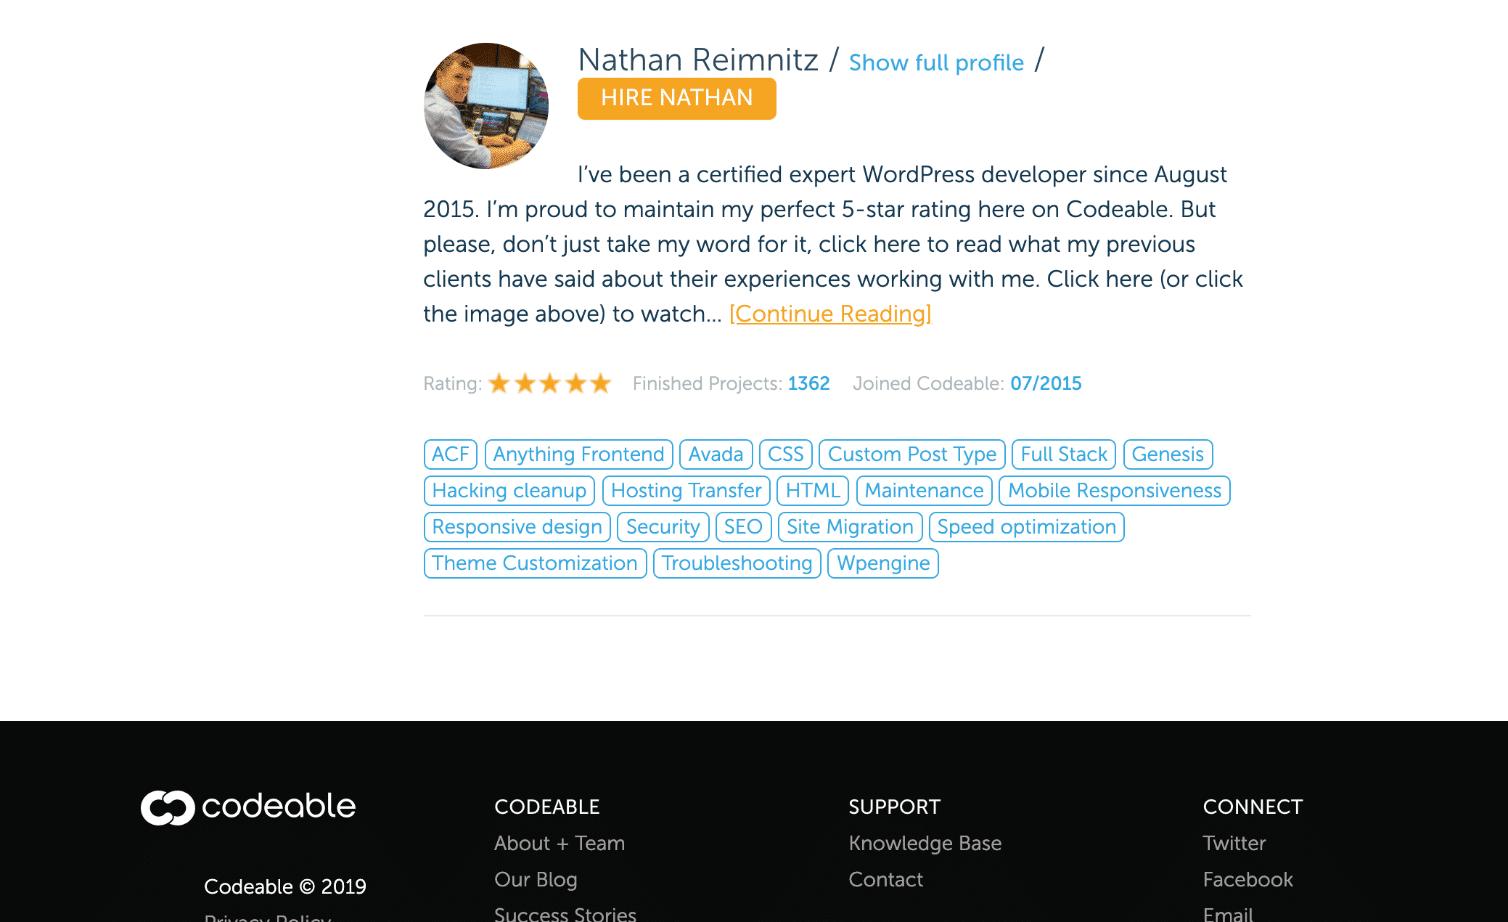 Embaucher un designer/développeur WordPress